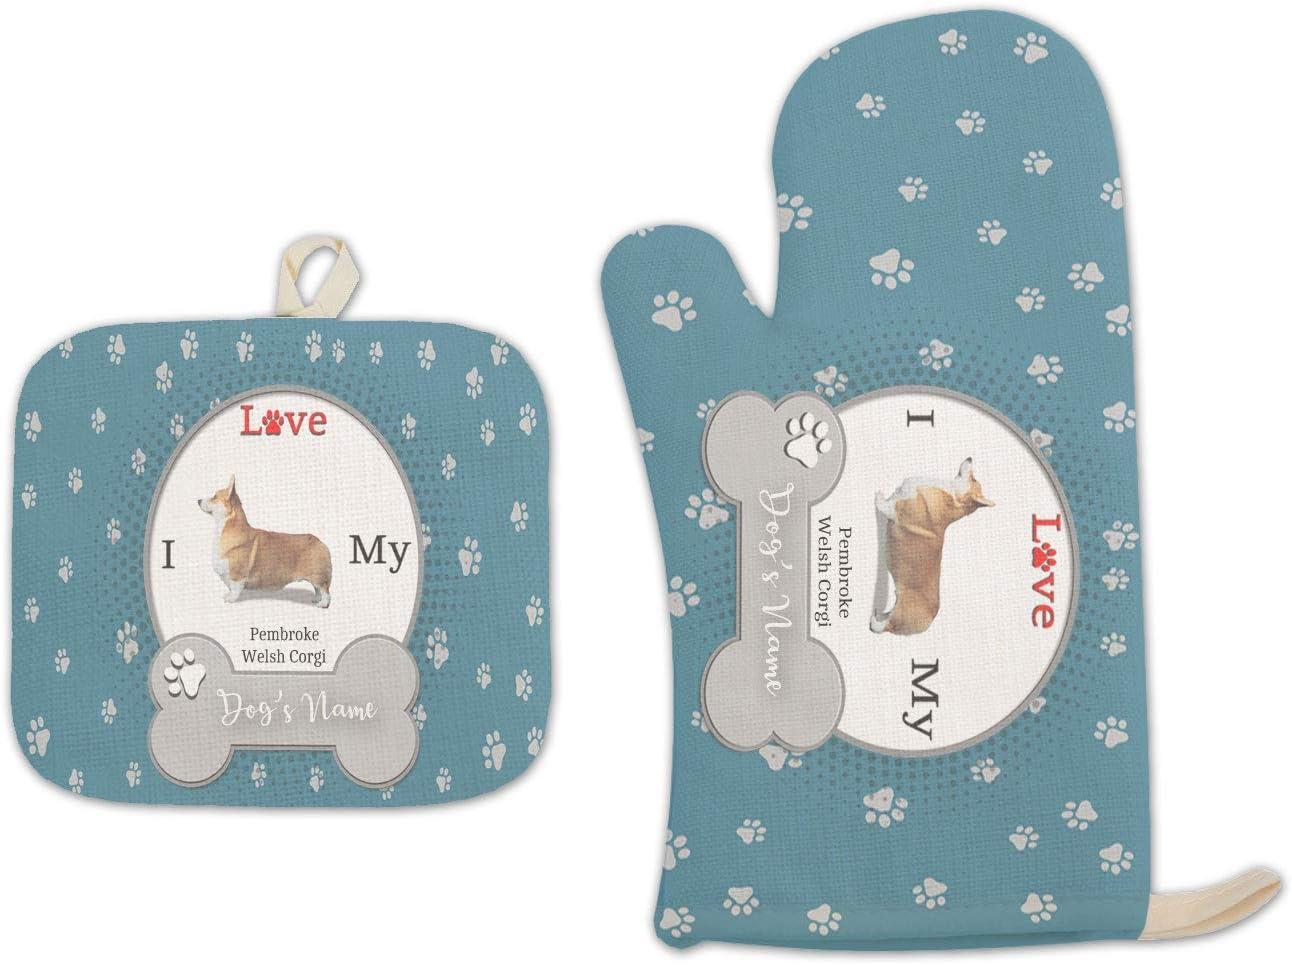 Bleu Reign BRGiftShop Personalized Custom Name I Love My Dog Pembroke Welsh Corgi Linen Oven Mitt and Potholder Set